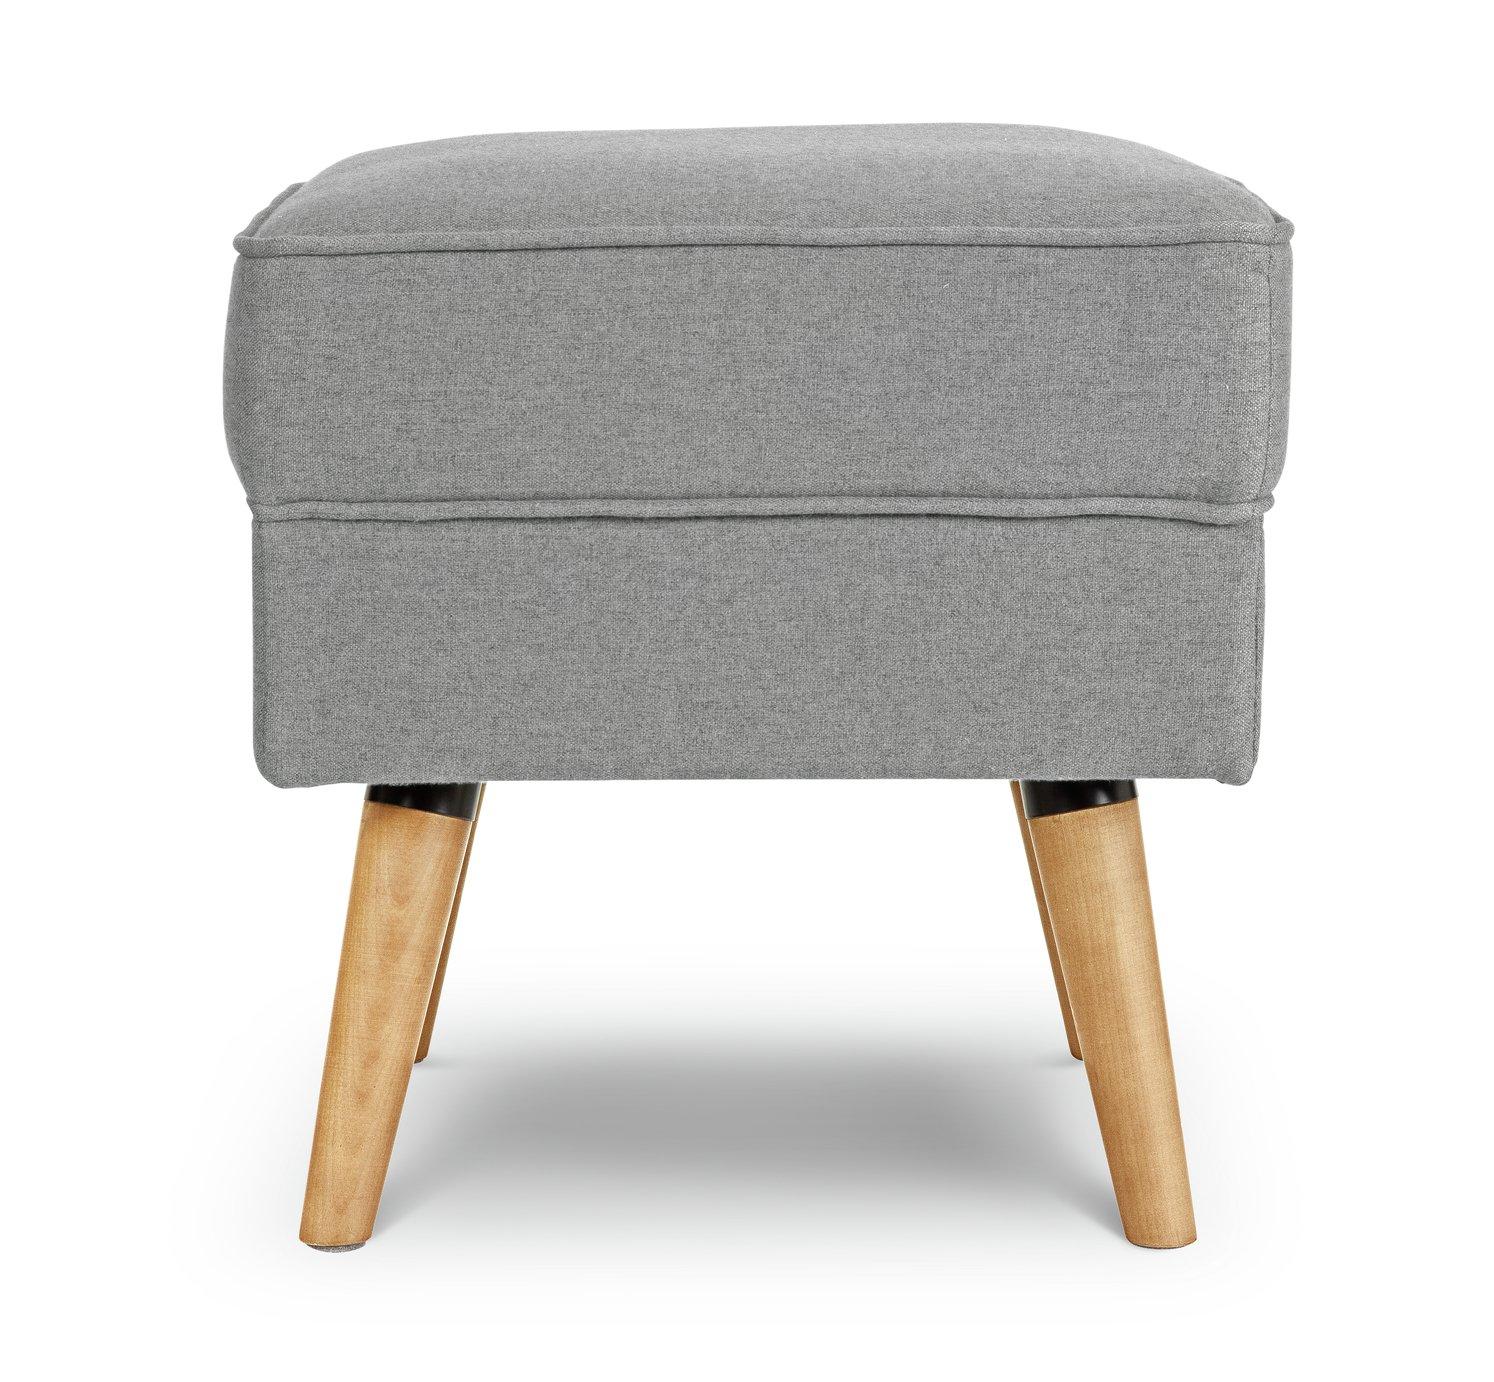 Argos Home Callie Fabric Footstool review